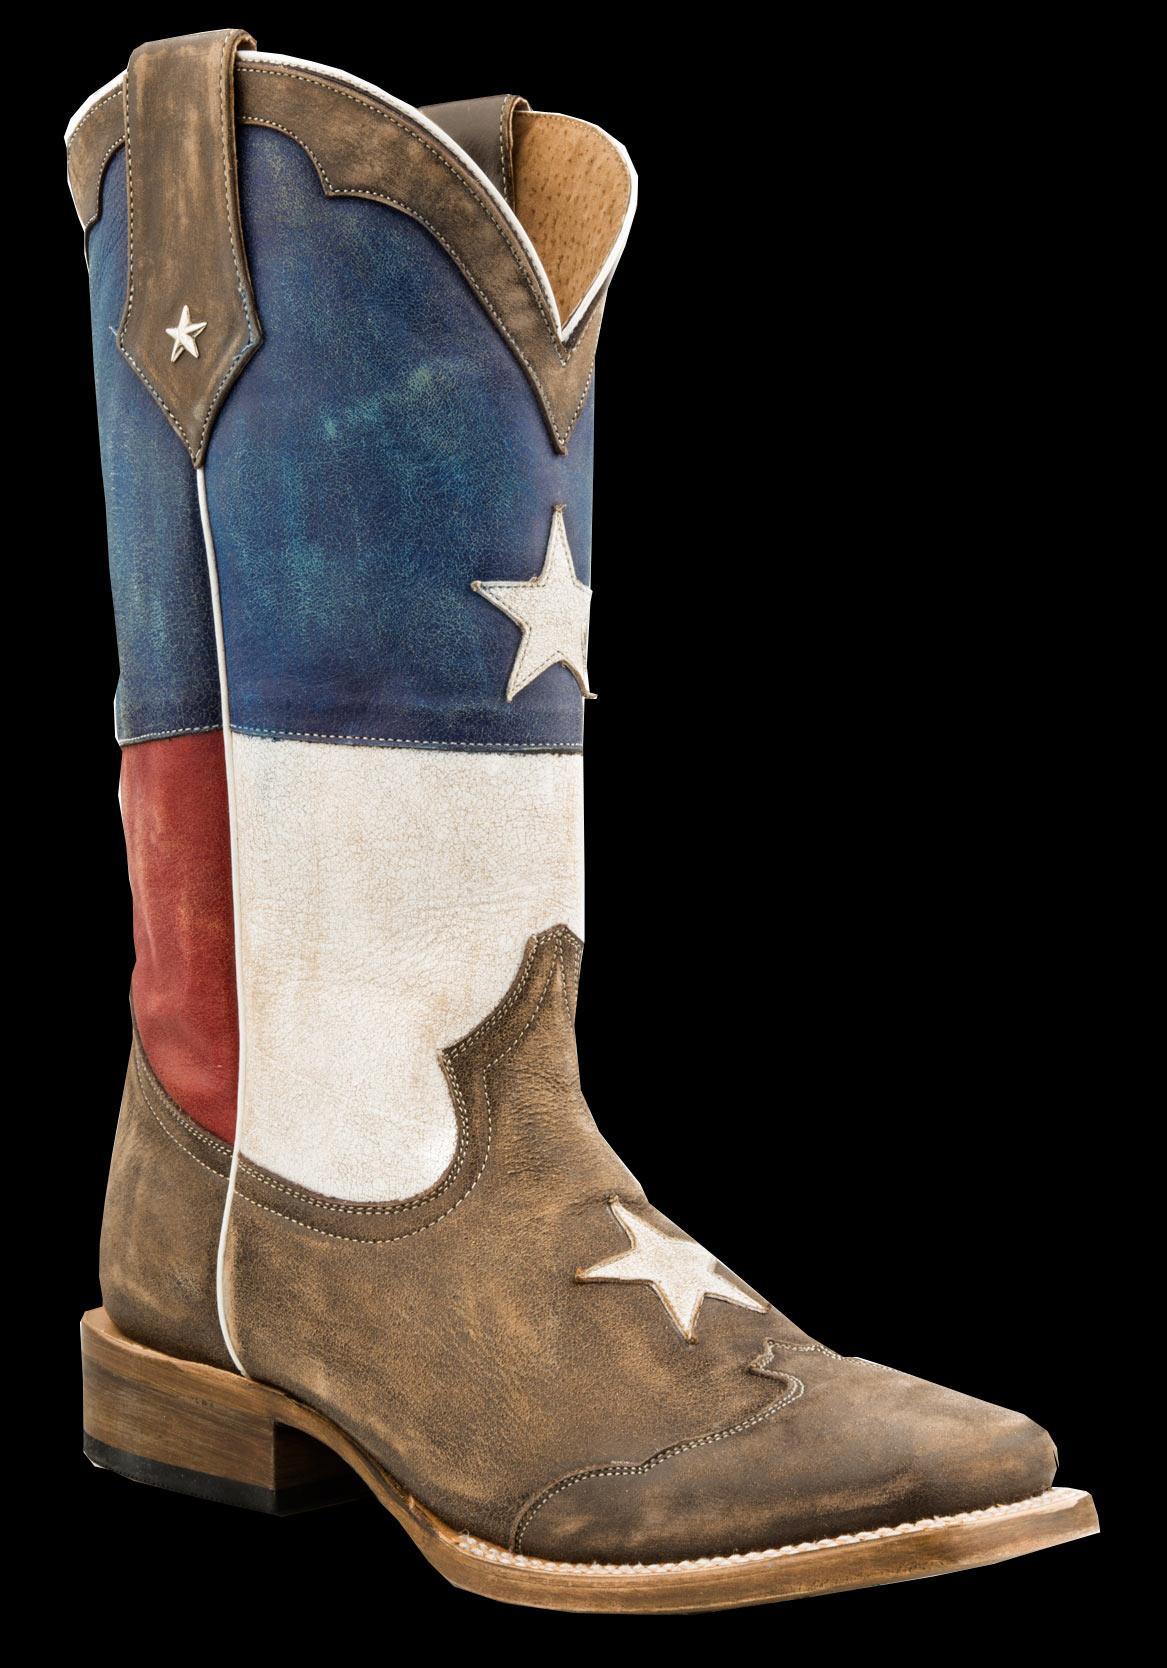 404f83c7539 Roper Men's Texas Star - SQUARE TOE Cowboy Boot